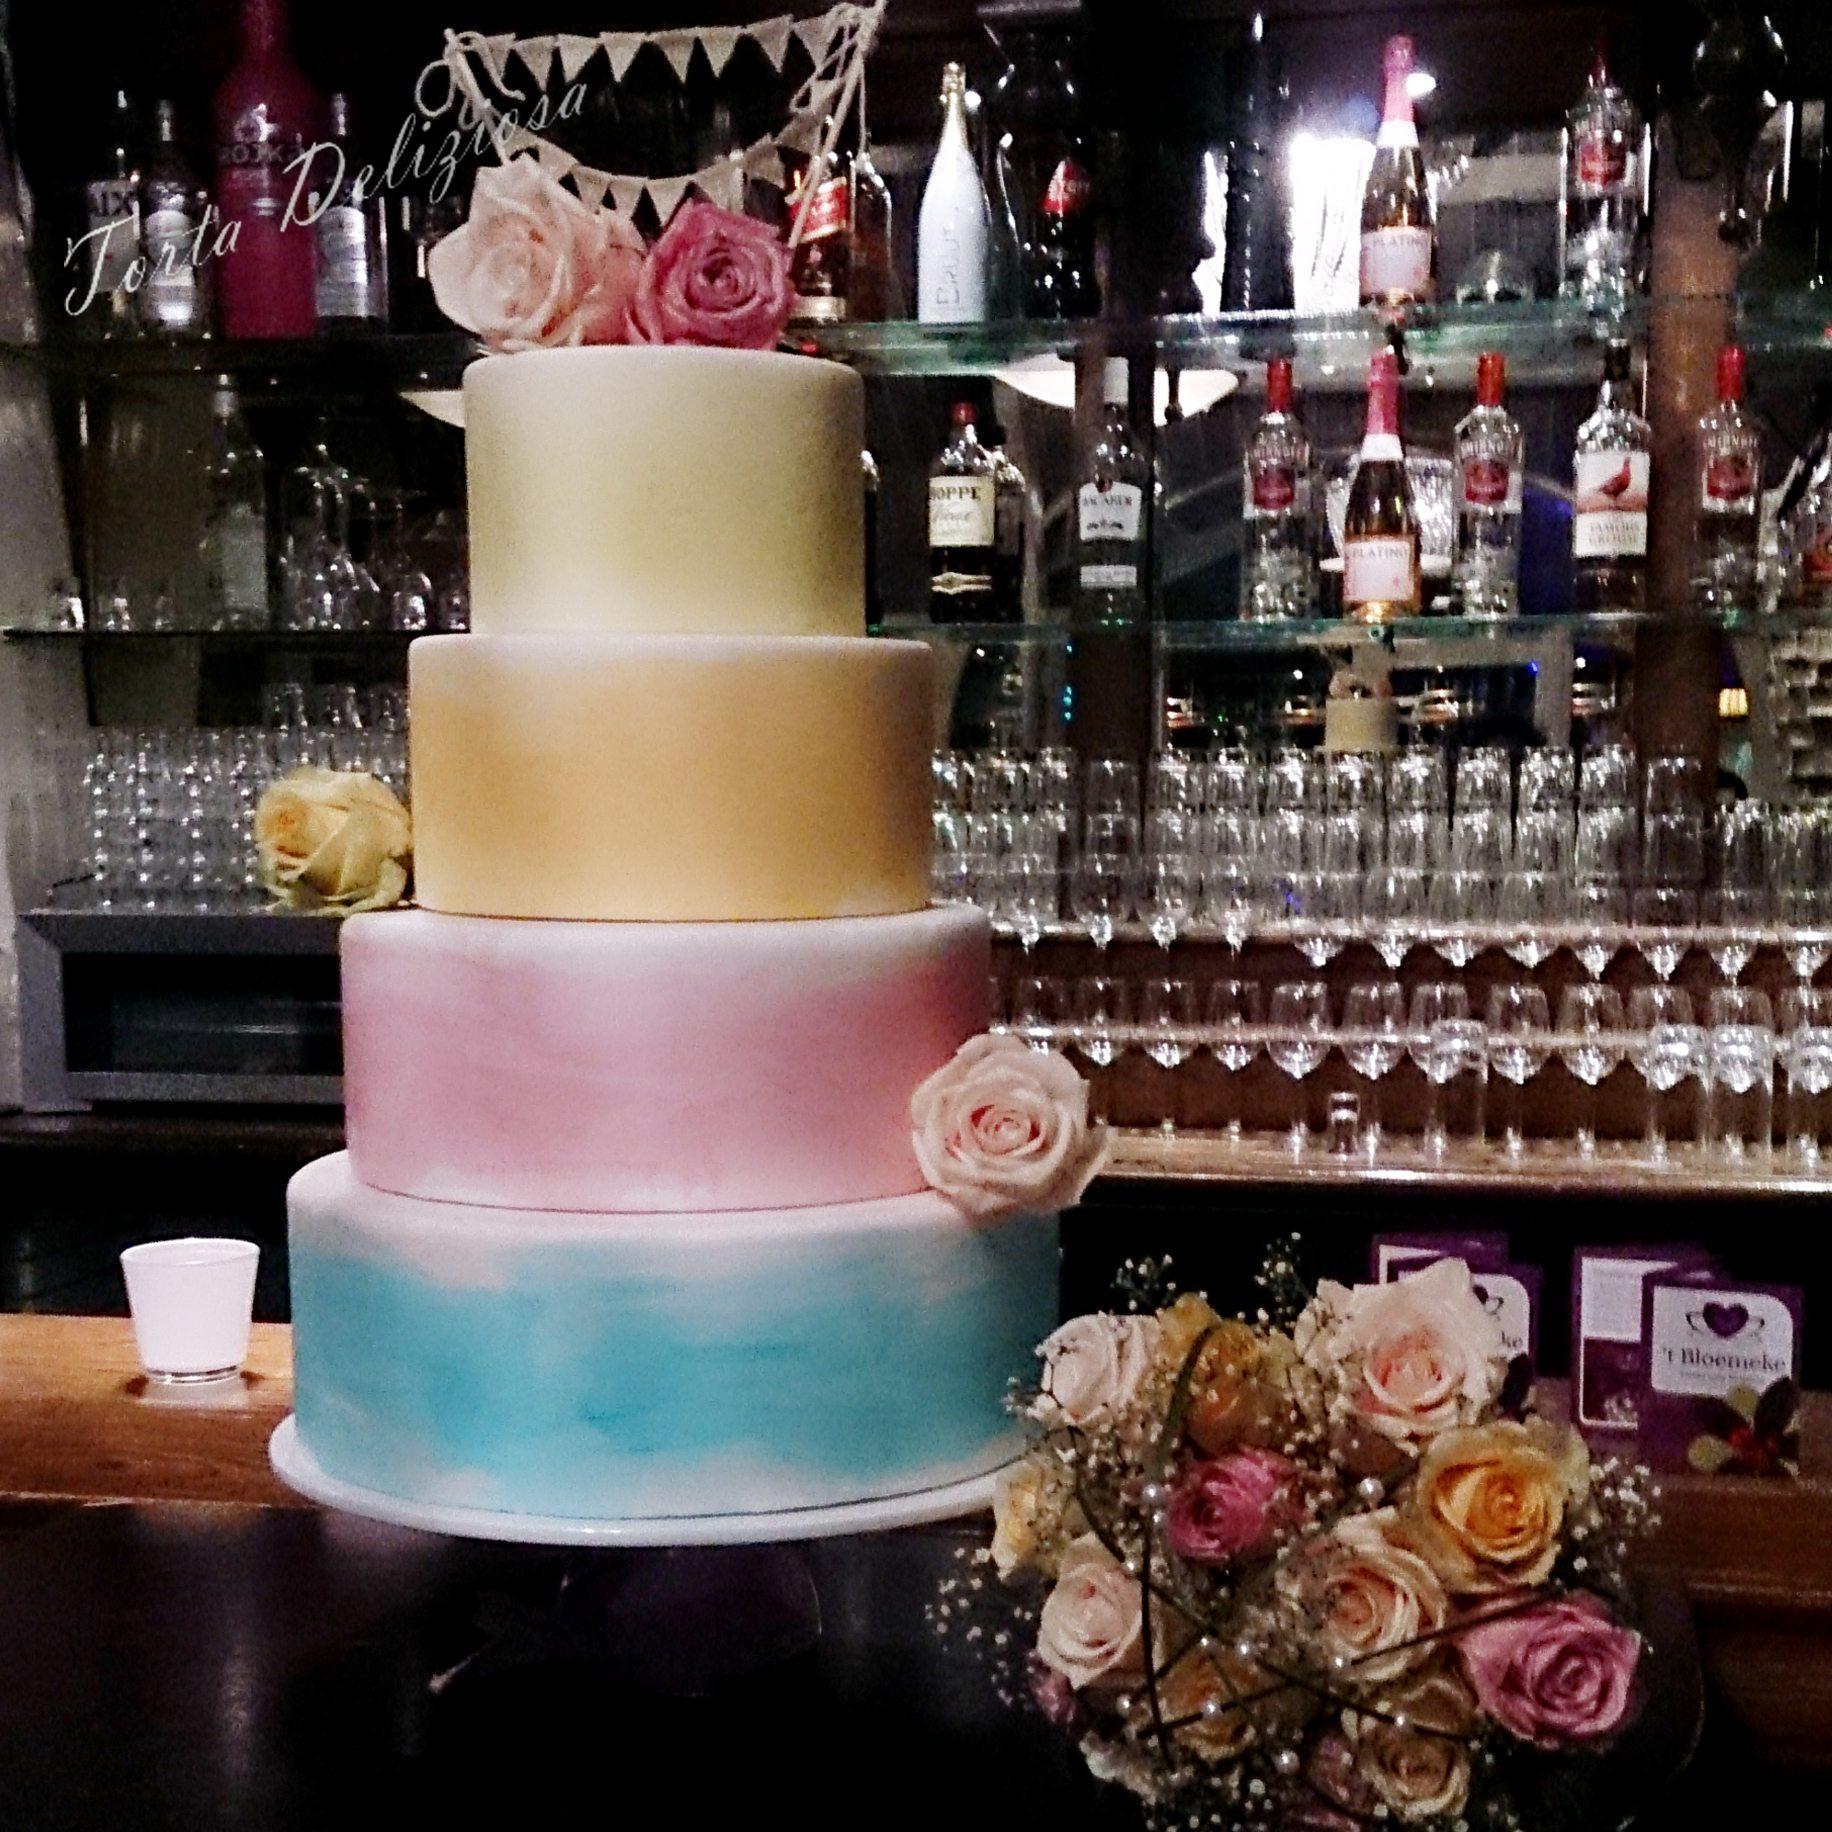 Meer dan 1000 afbeeldingen over Torta Deliziosa op